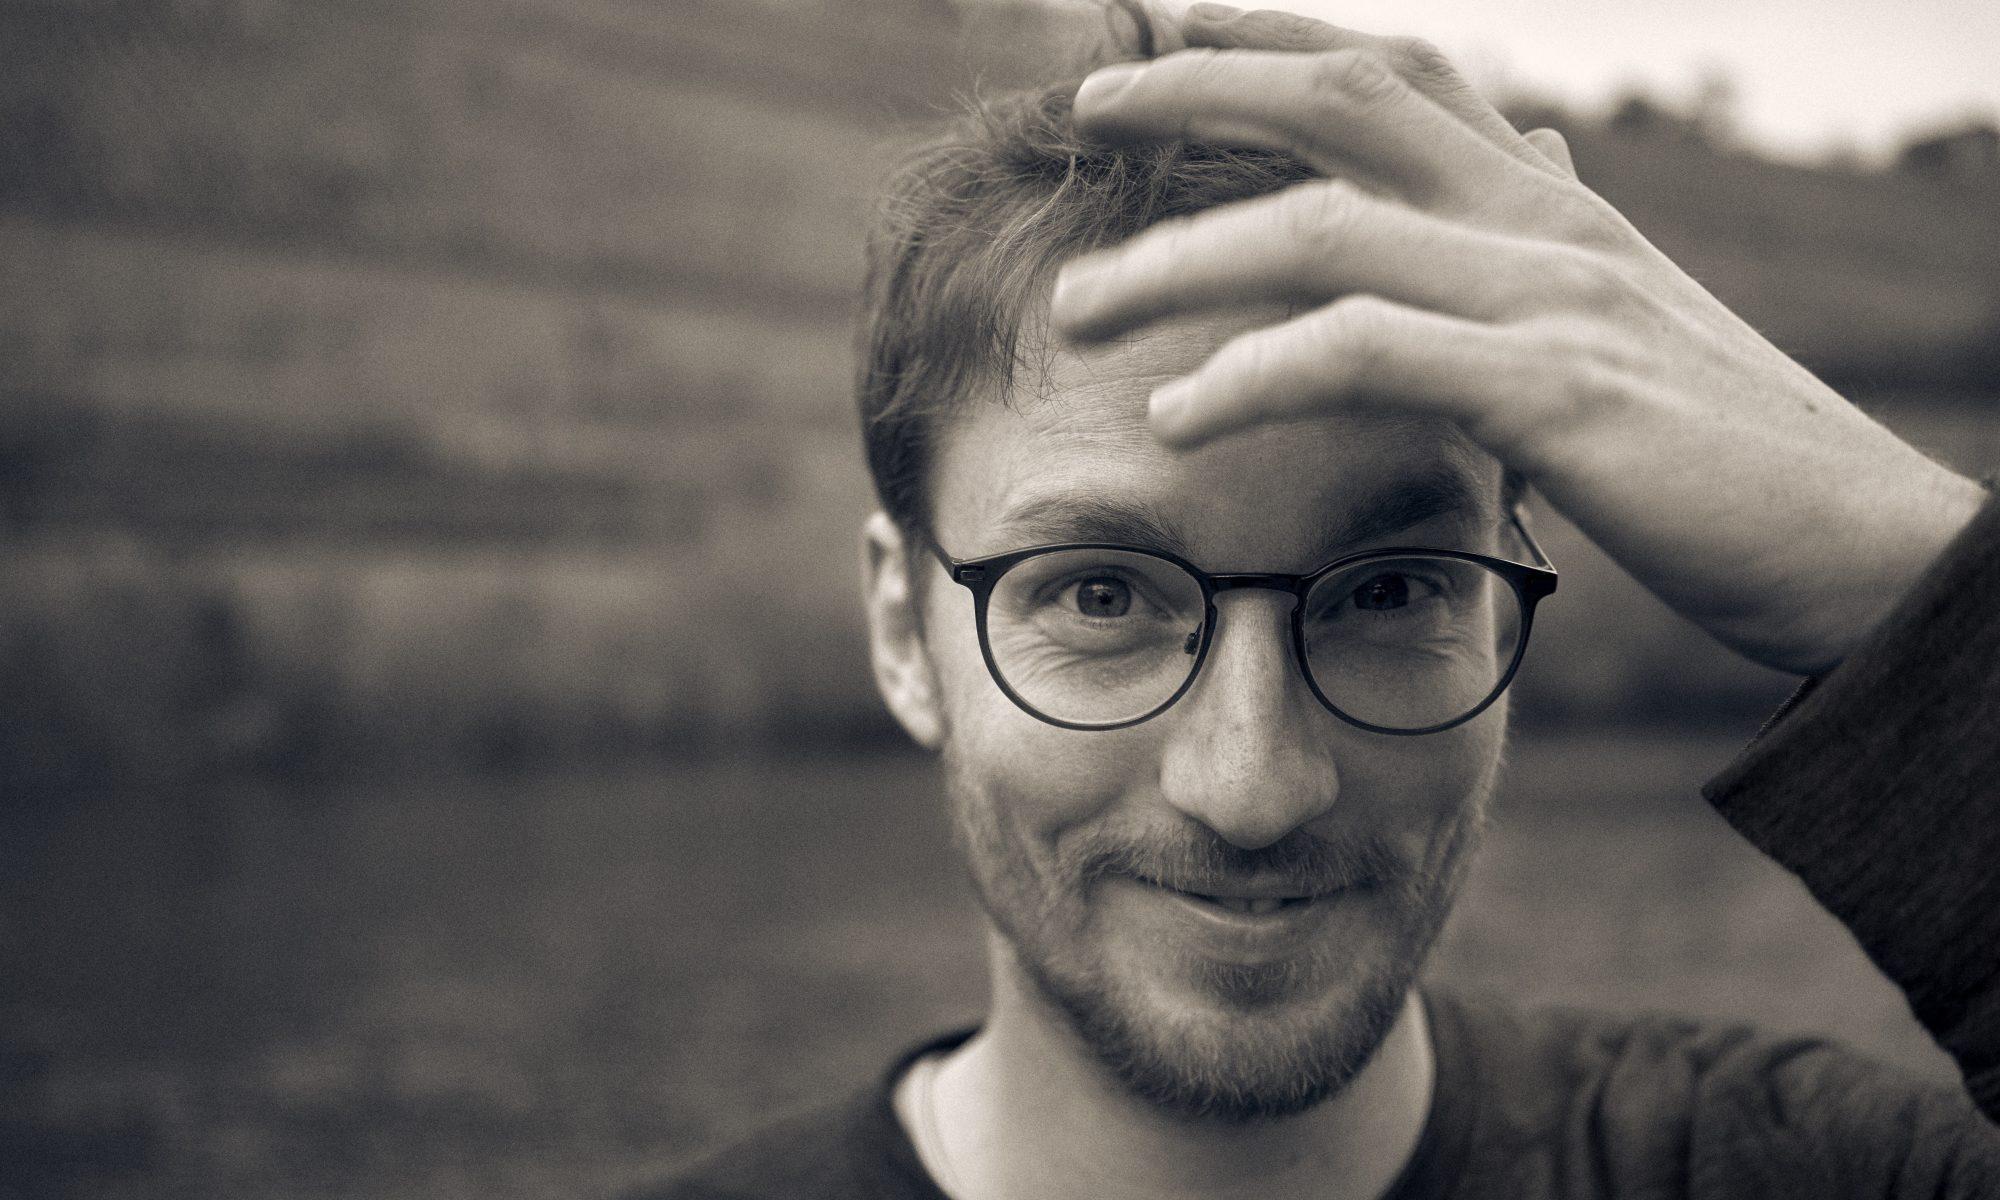 Hannes Wittmer, Singersongwriter, Folk, musician, Album, Das große Spektakel, Hamburg, Würzburg, Fotocredit Christoph Naumann